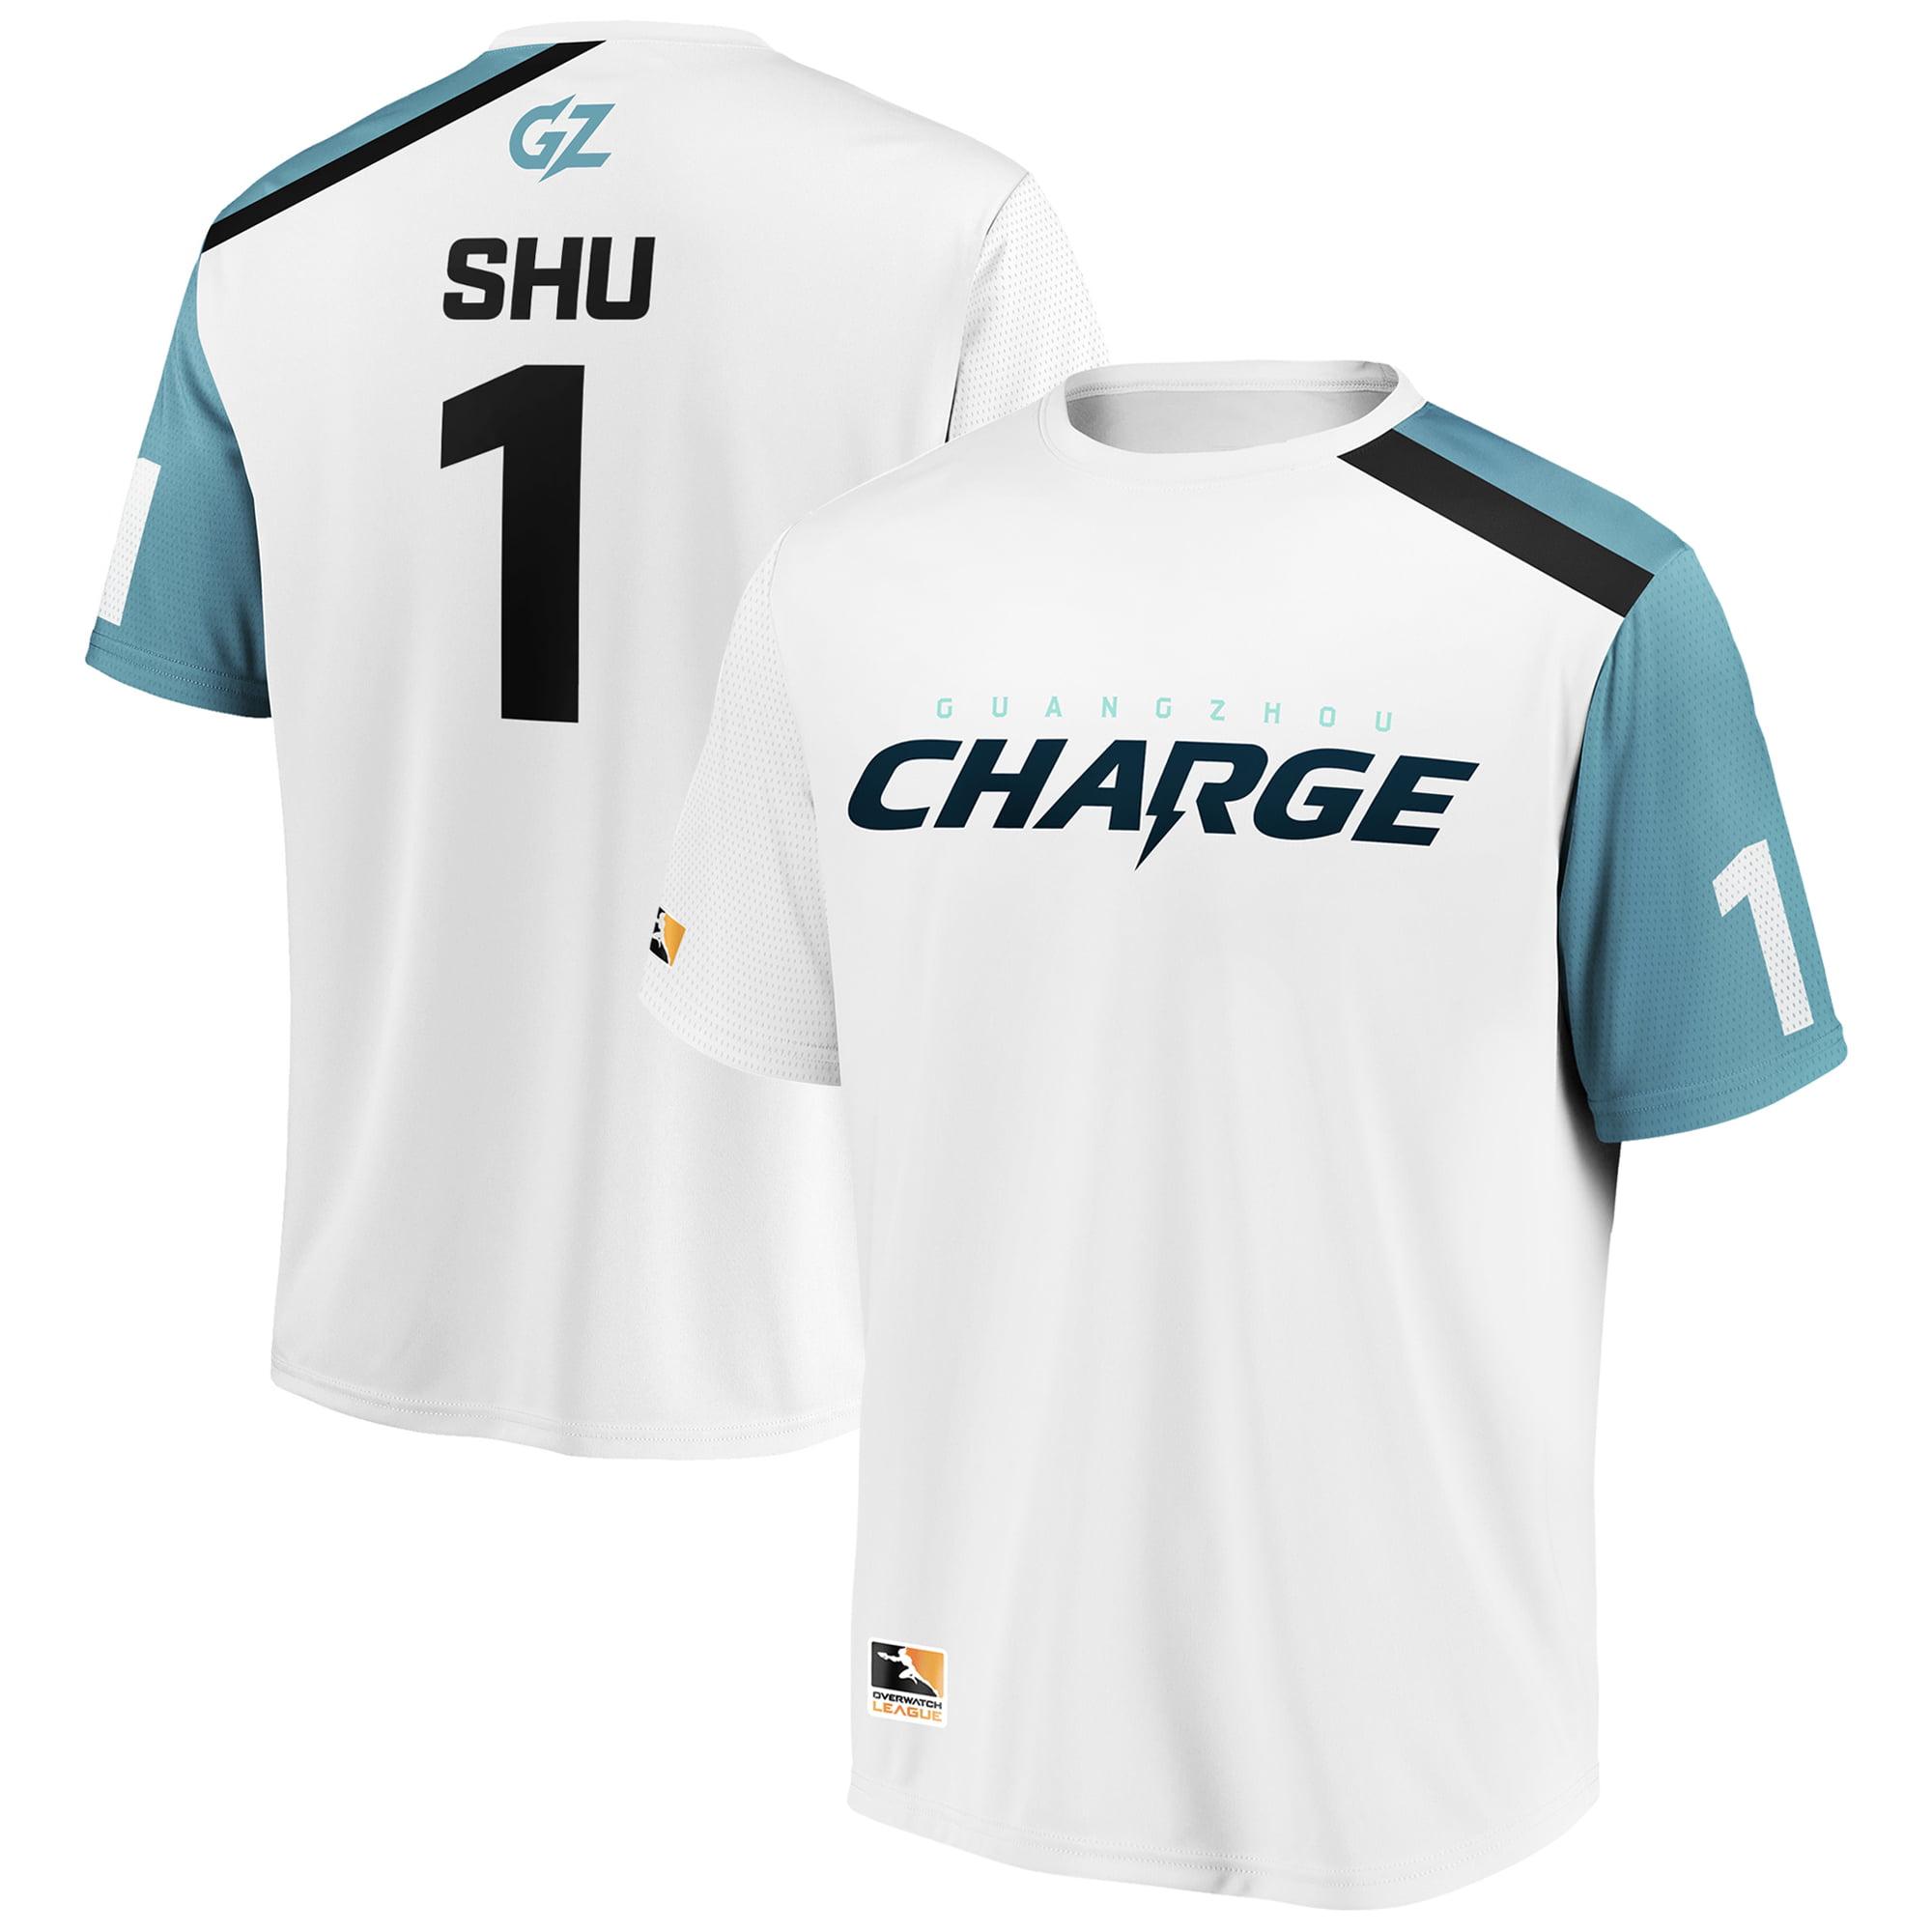 Shu Guangzhou Charge Overwatch League Replica Away Jersey - White